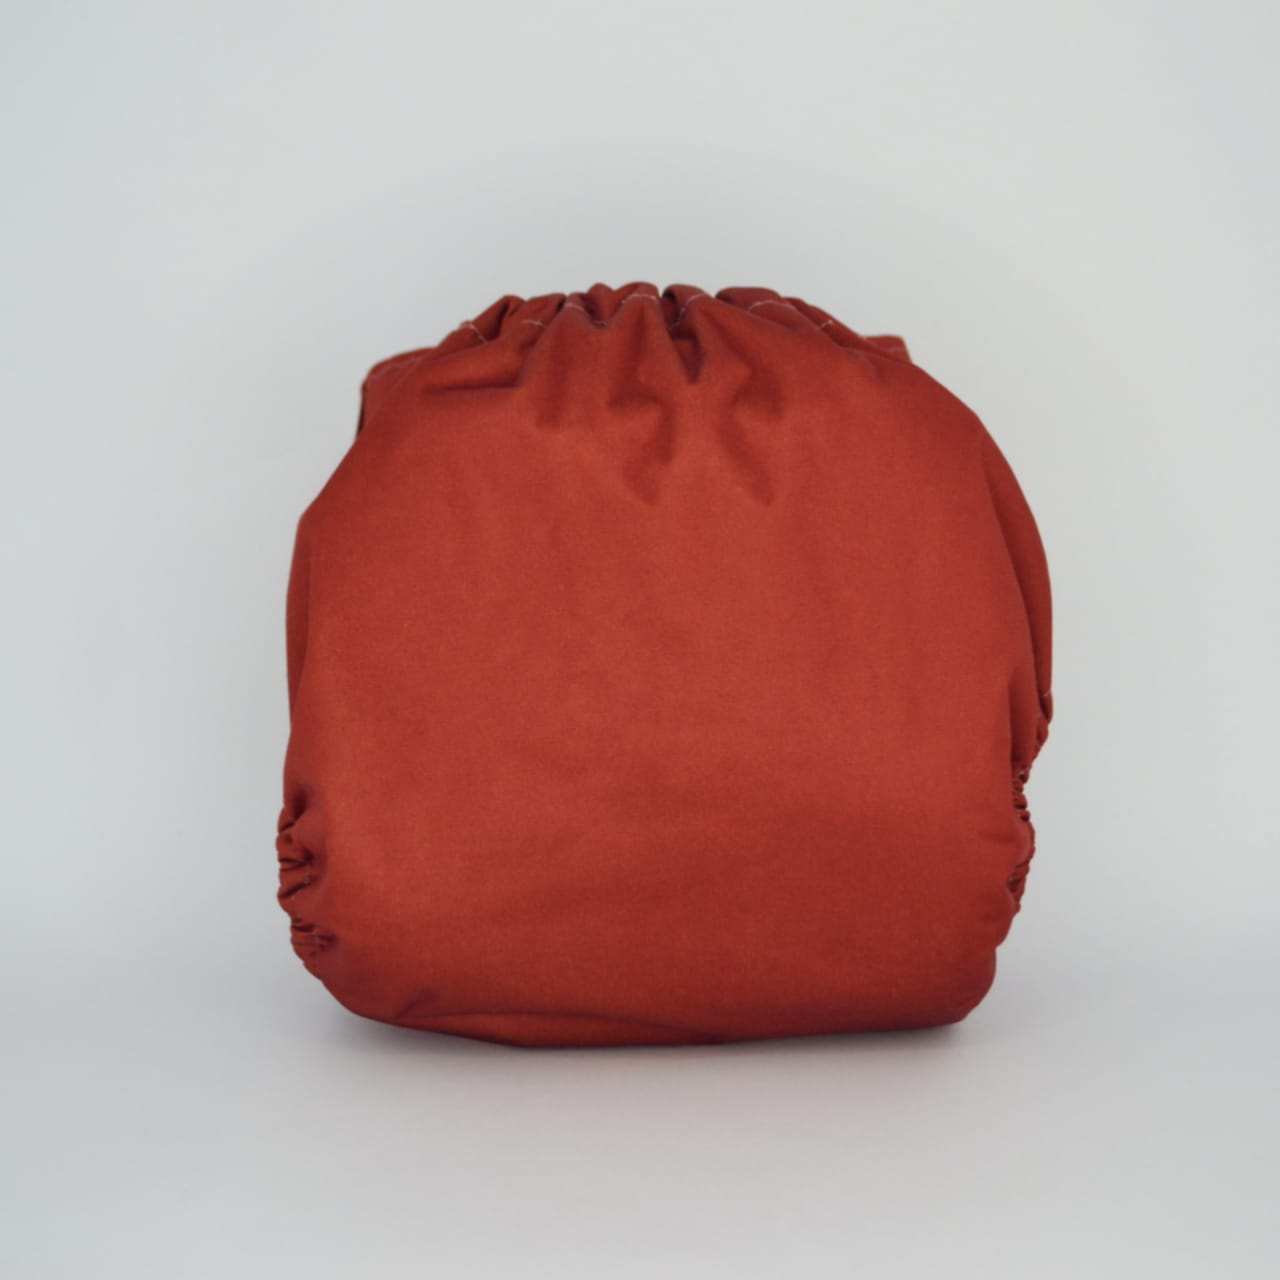 Fralda Ecológica Diurna 2 em 1 com dois absorventes  - Laranja Tijolo